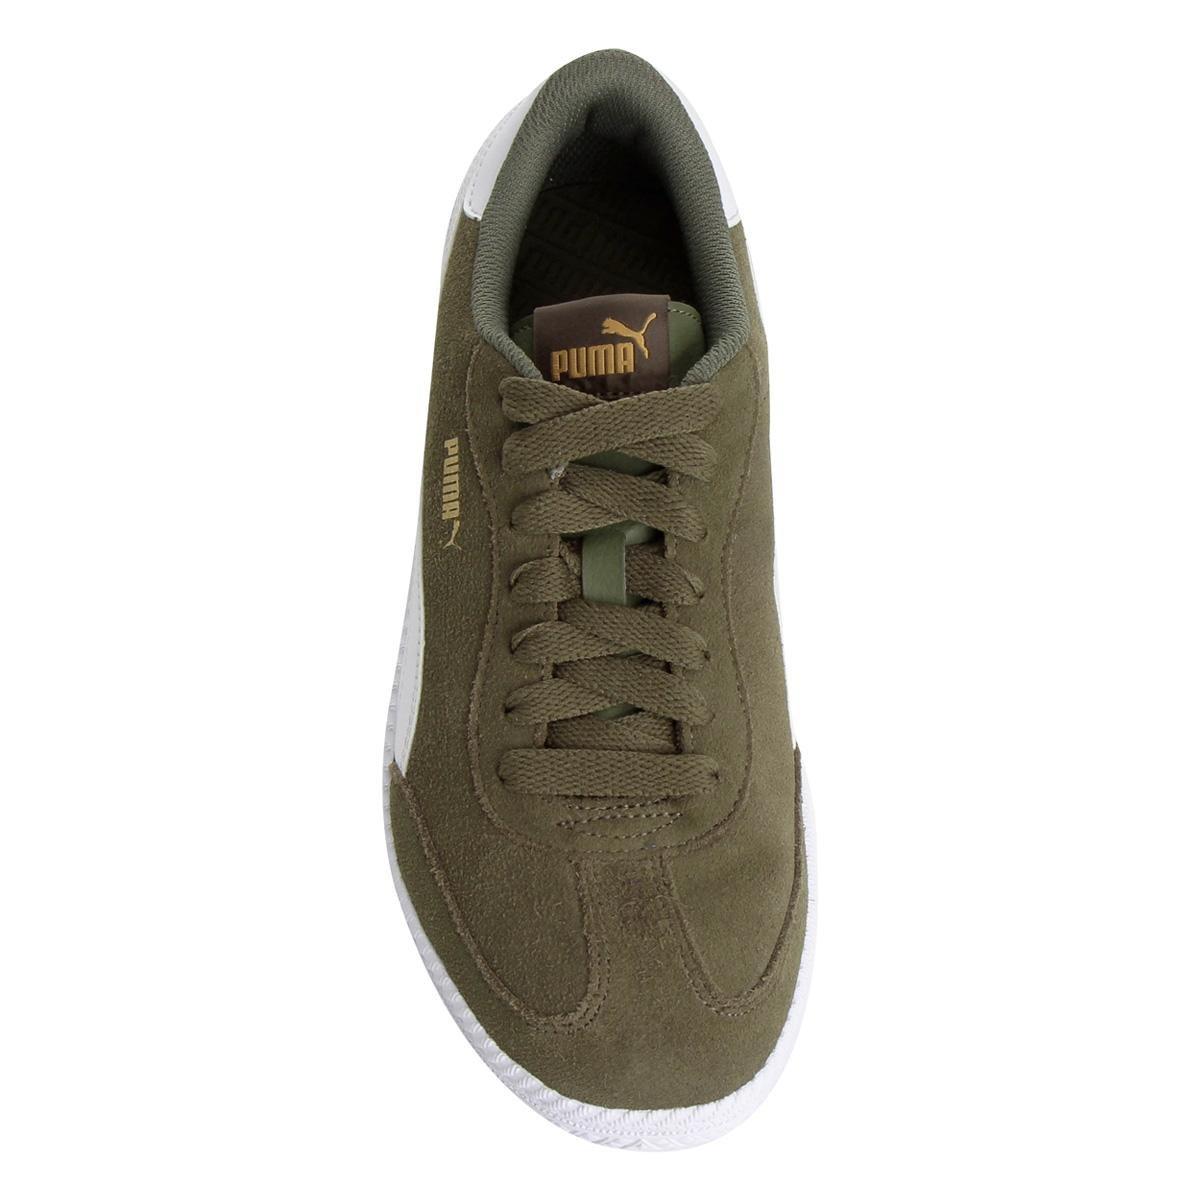 144599488e Tênis Couro Puma Astro Cup - Verde e Branco - Compre Agora